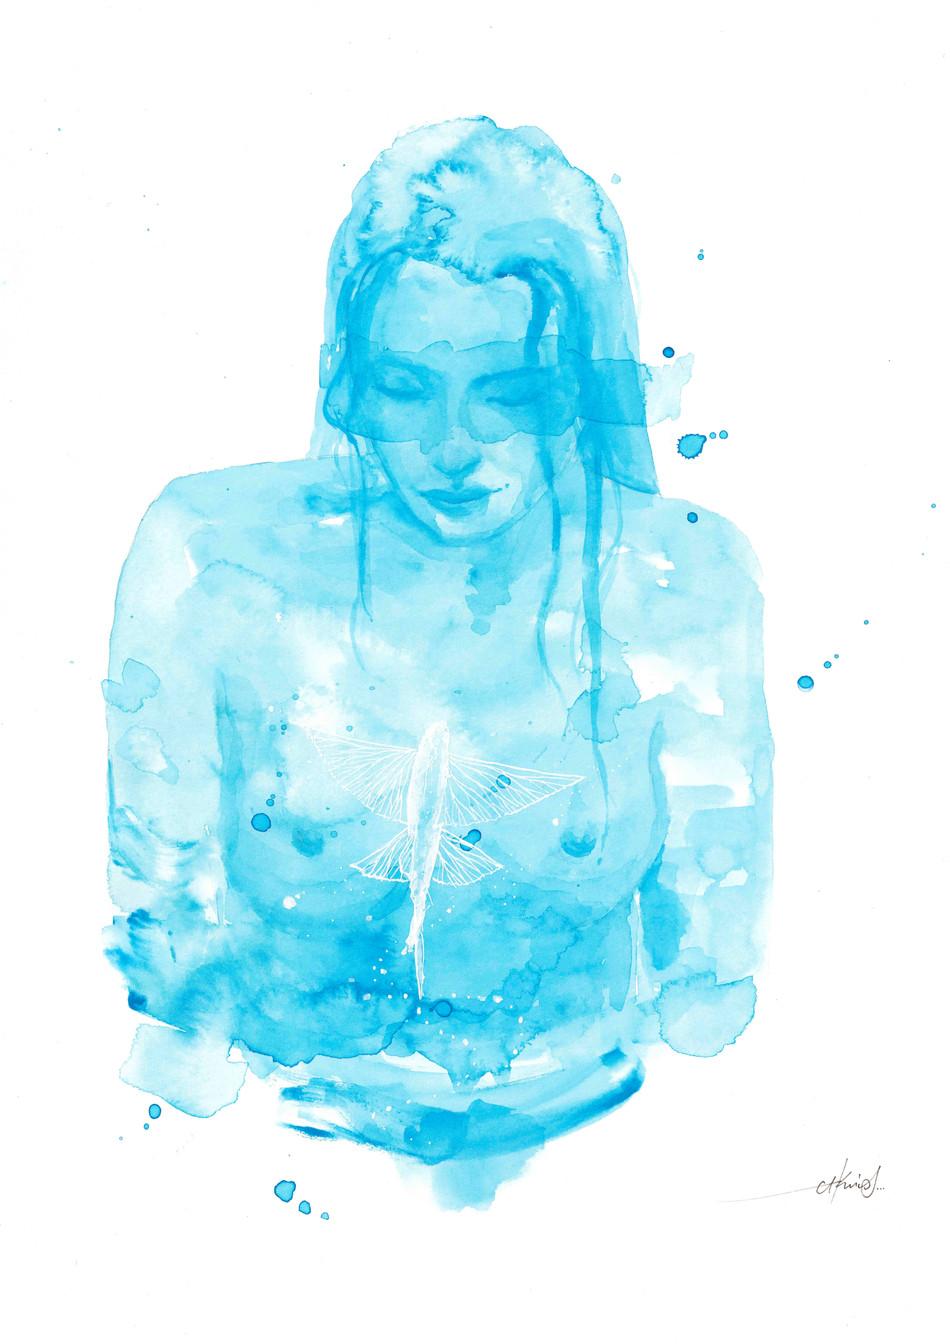 Somo agua, somos azul